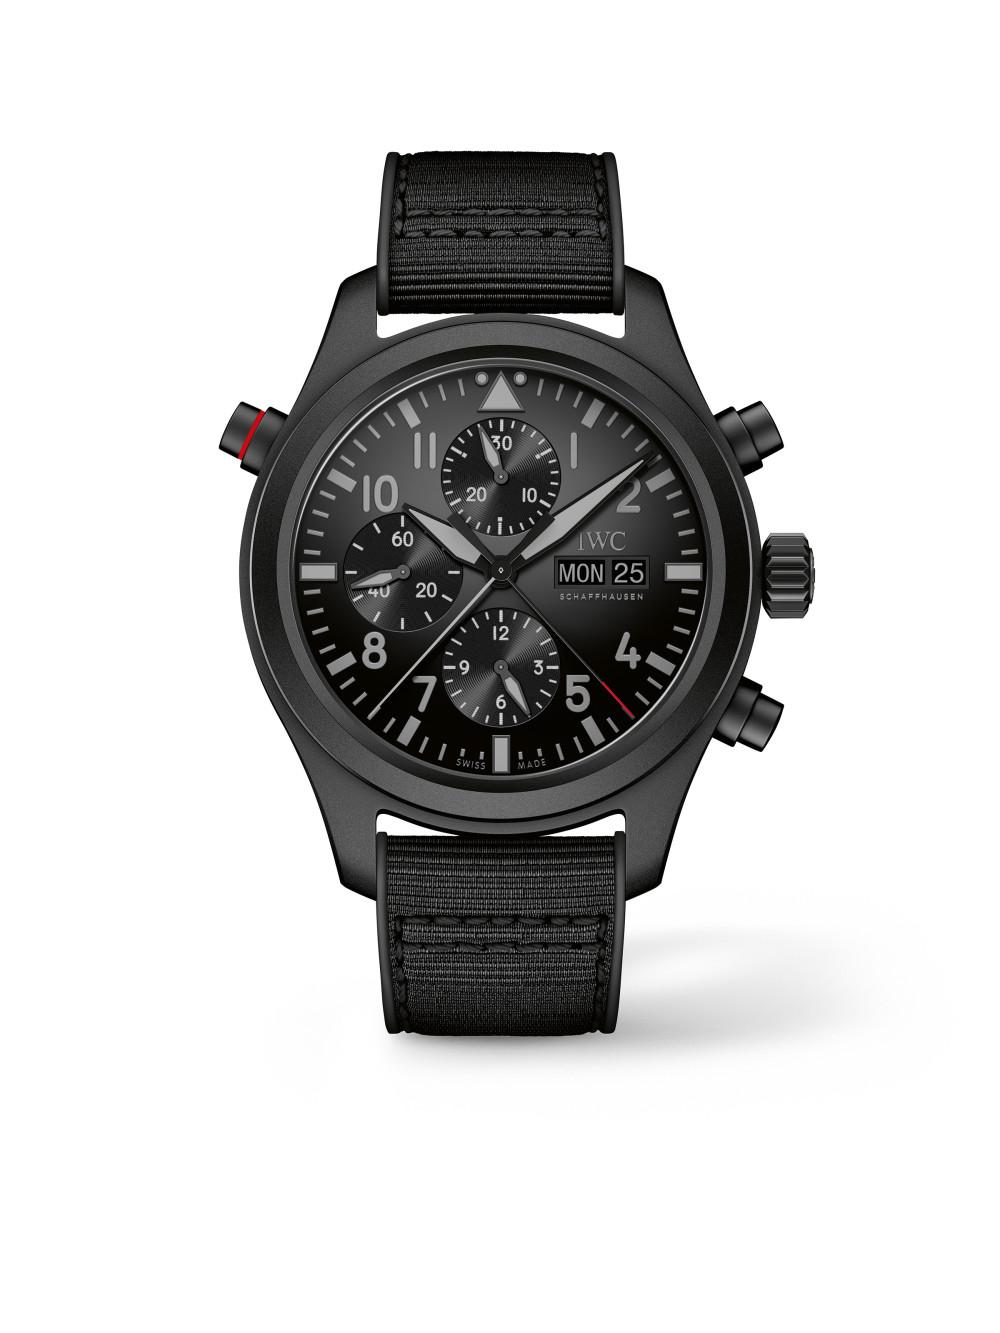 Pilot's Watch Chronograph Top Gun Ceratanium 01